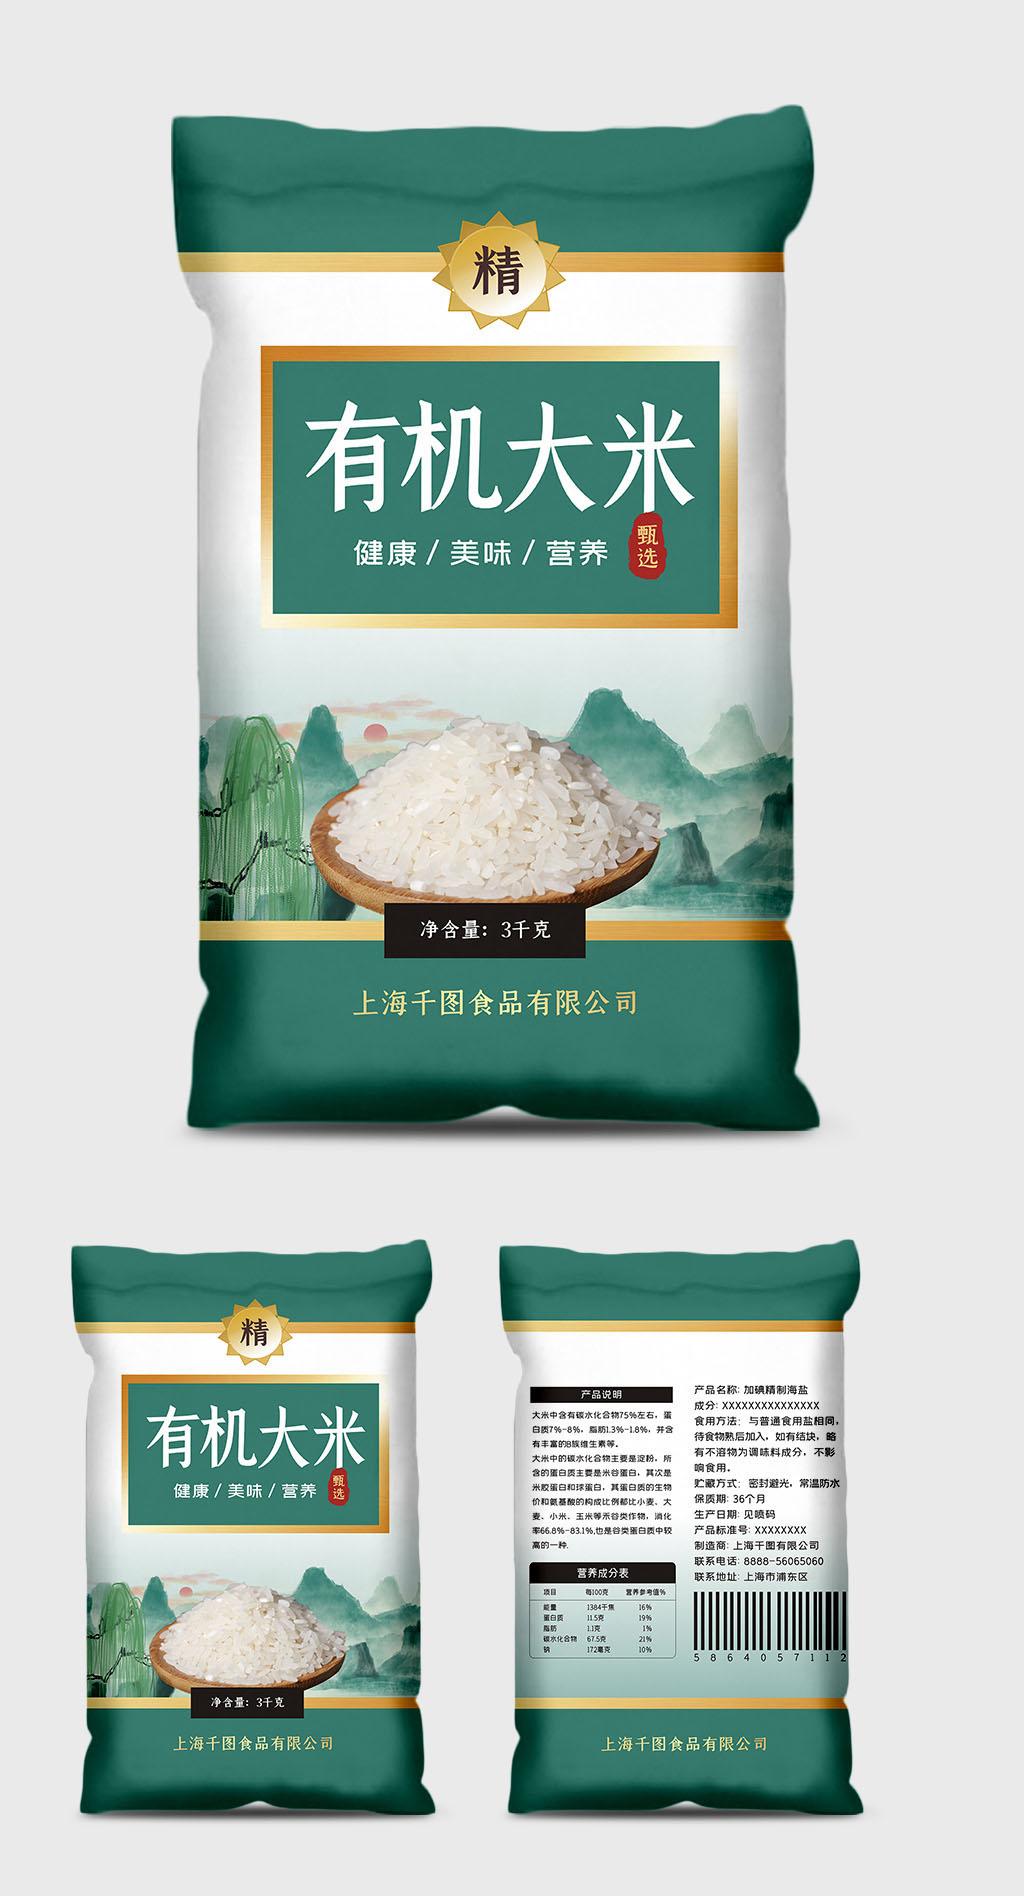 矢量简约中国风水墨米袋食品包装设计源文件插图